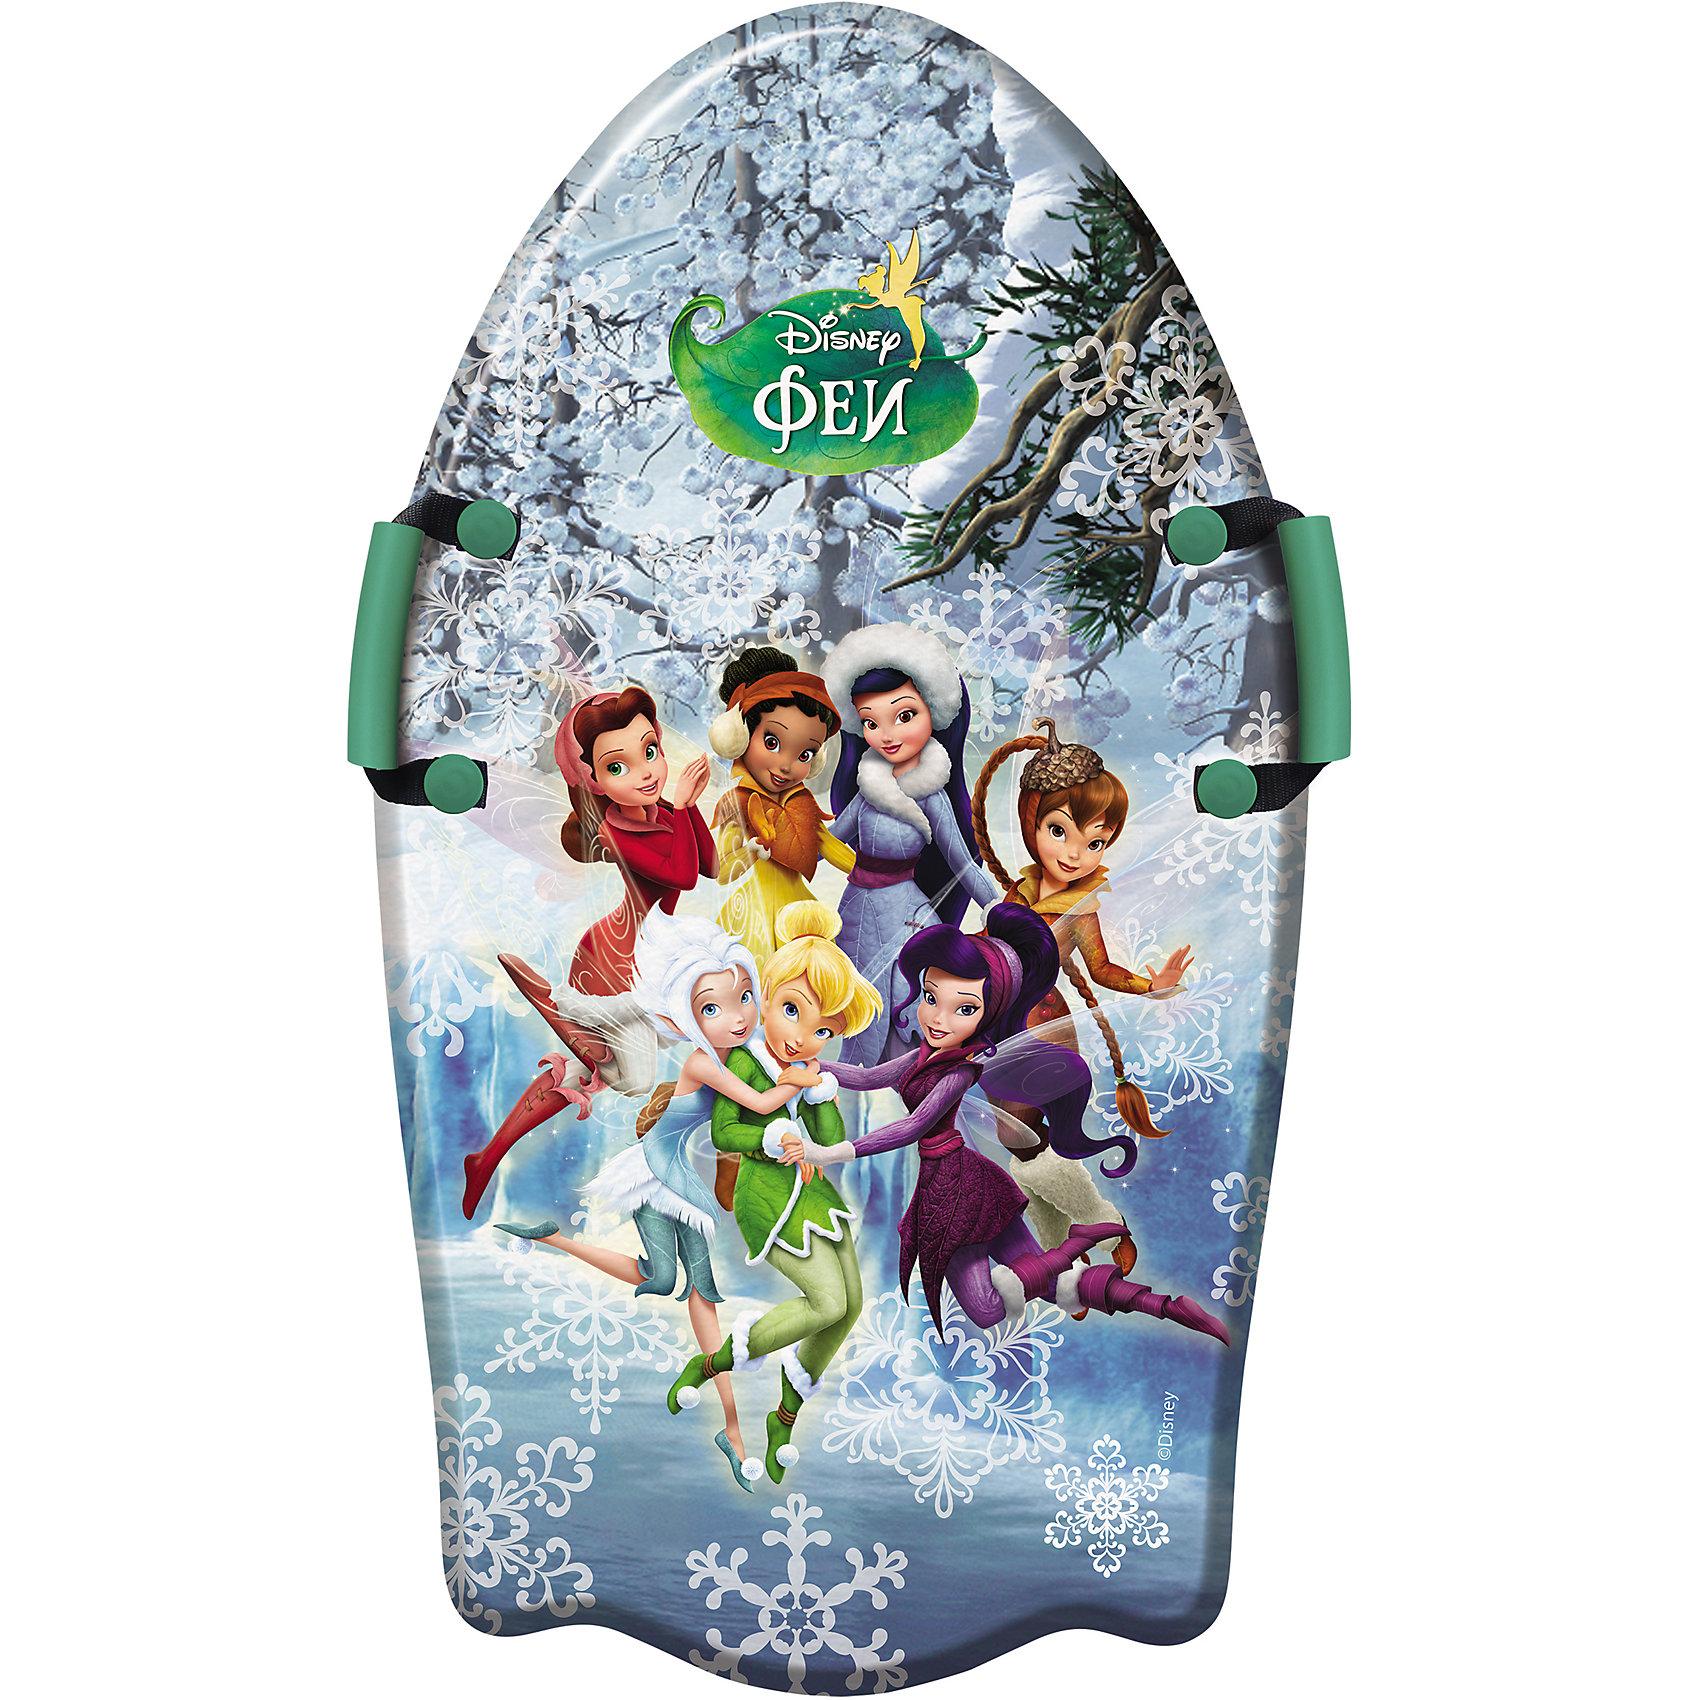 Disney Ледянка Феи, 92см, с плотными ручками, Disney ледянка disney фея до 60 кг пвх ткань рисунок т58165